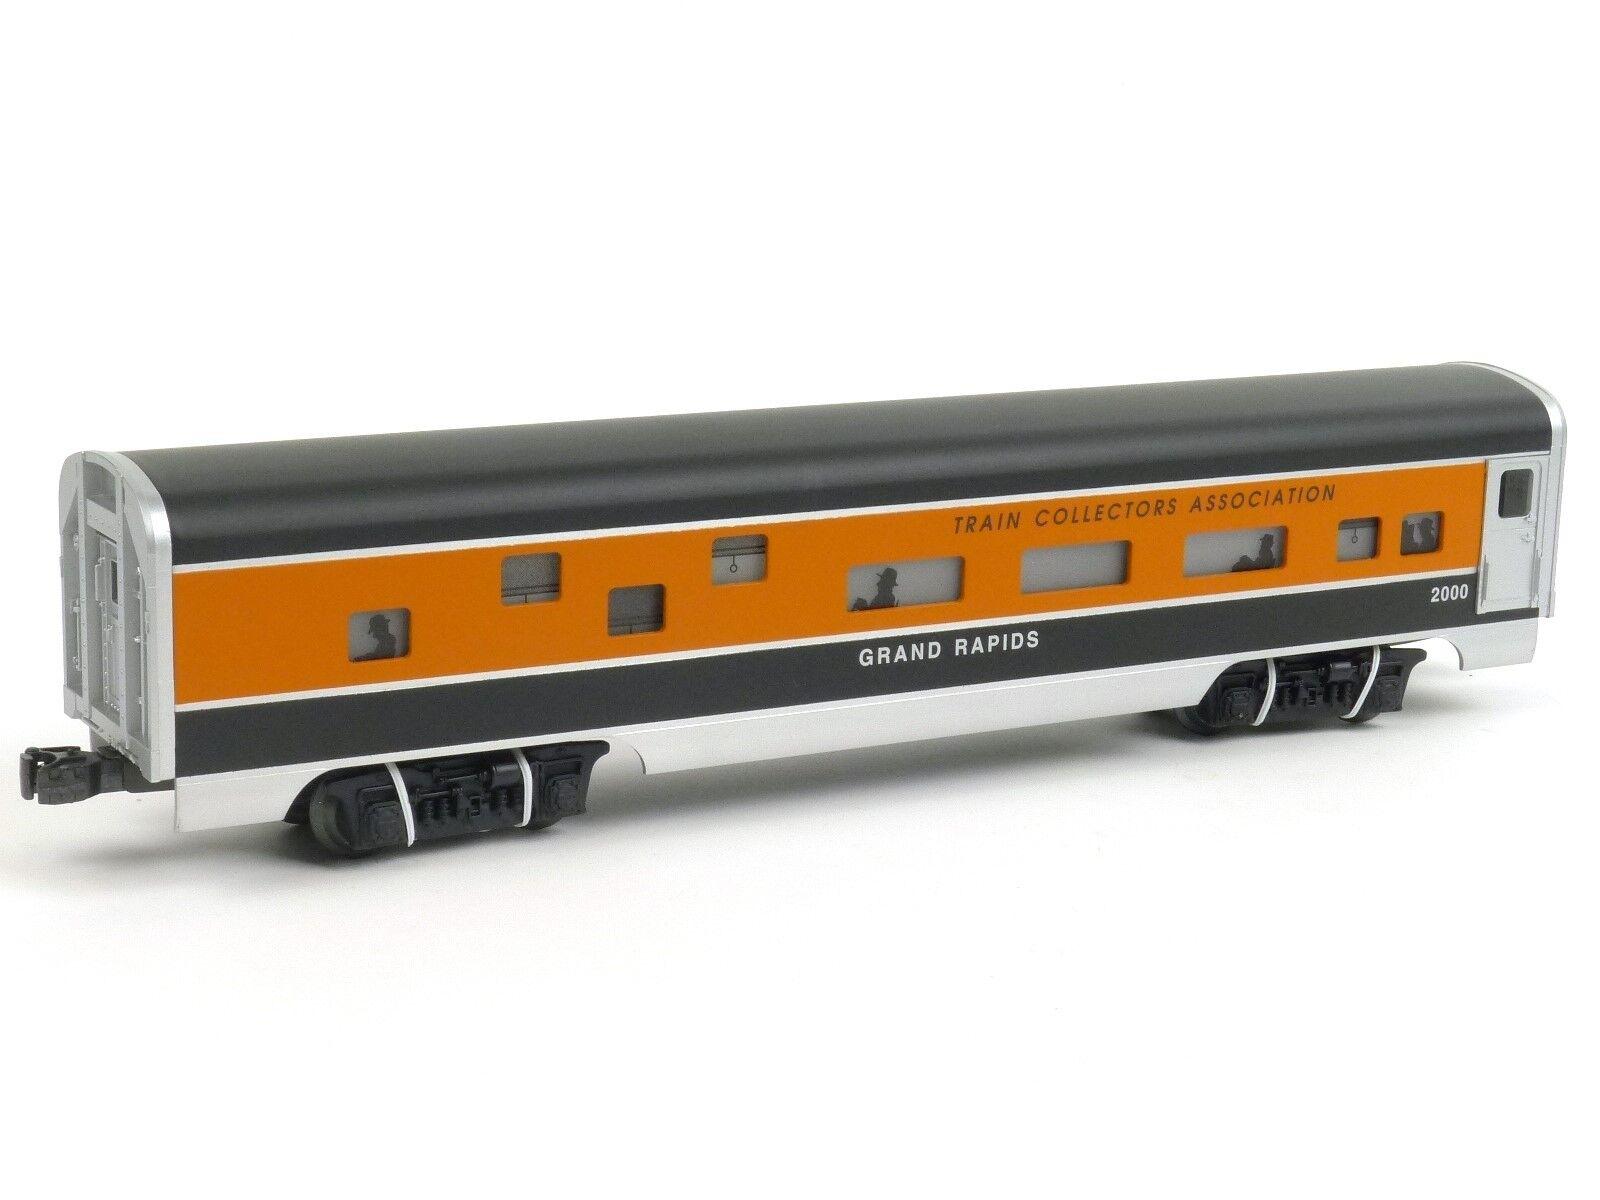 Lionel 6-52191 TCA Gre Rapids Aluminum Aluminum Aluminum Passenger auto O Gauge modello i treni c7e86d